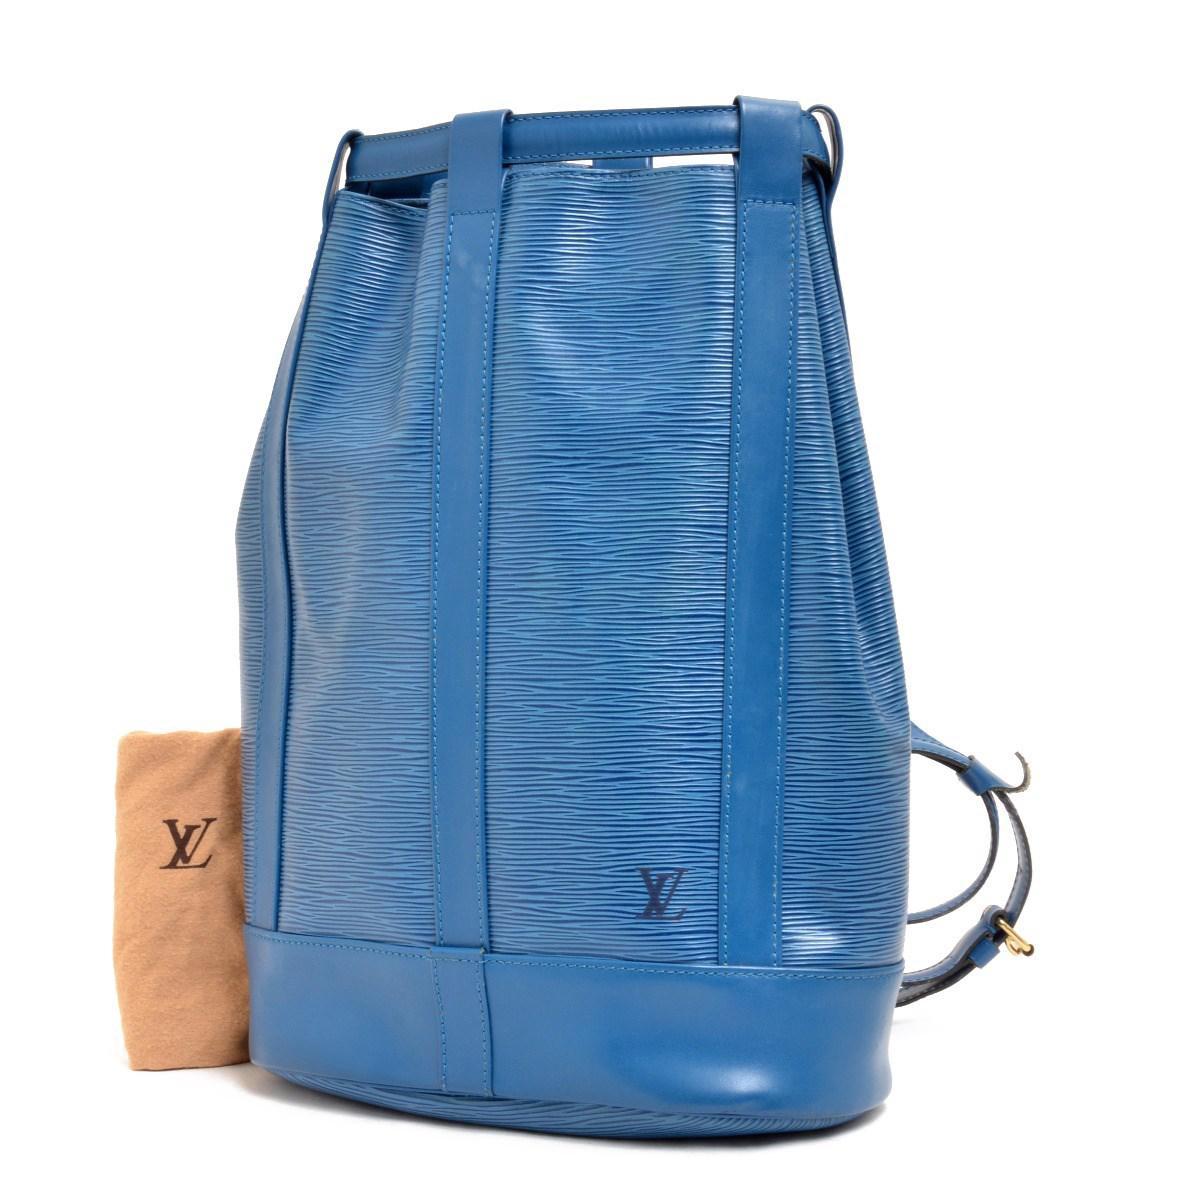 2aac3cfba3d6 Lyst - Louis Vuitton Epi Leather Randnet Shoulder Bag M52355 in Blue